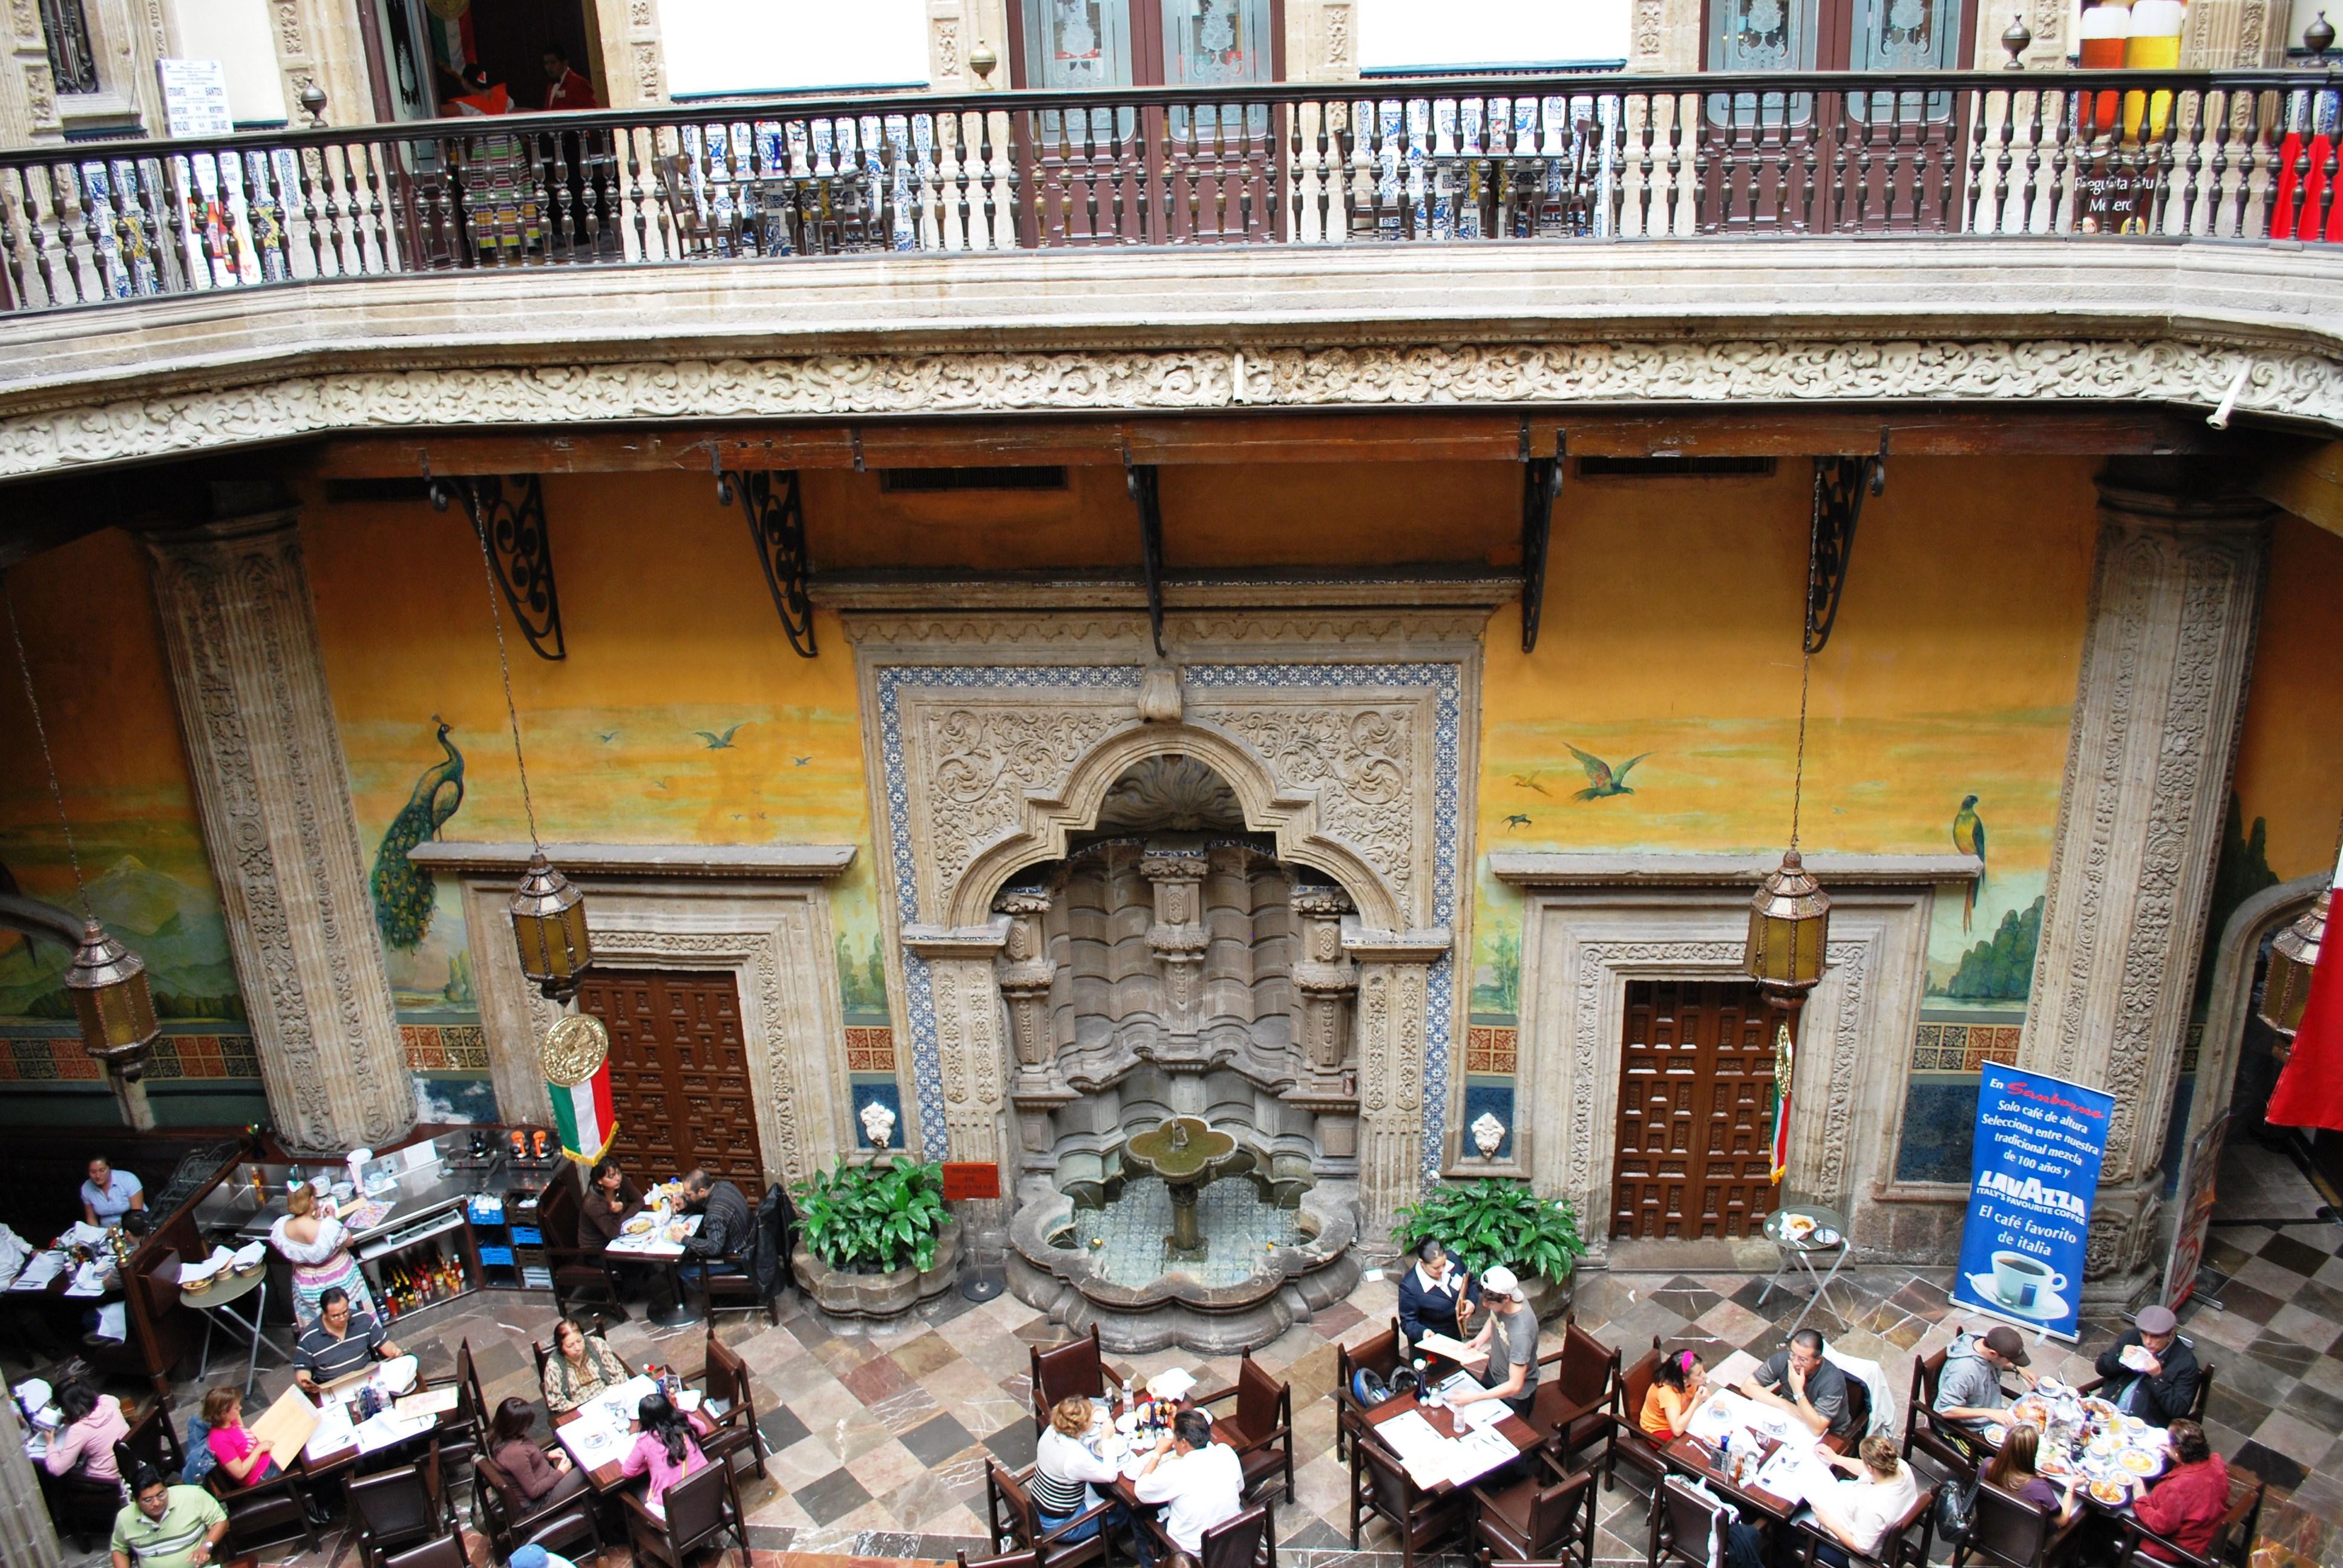 Casa de los azulejos for Sanborns azulejos mexico city